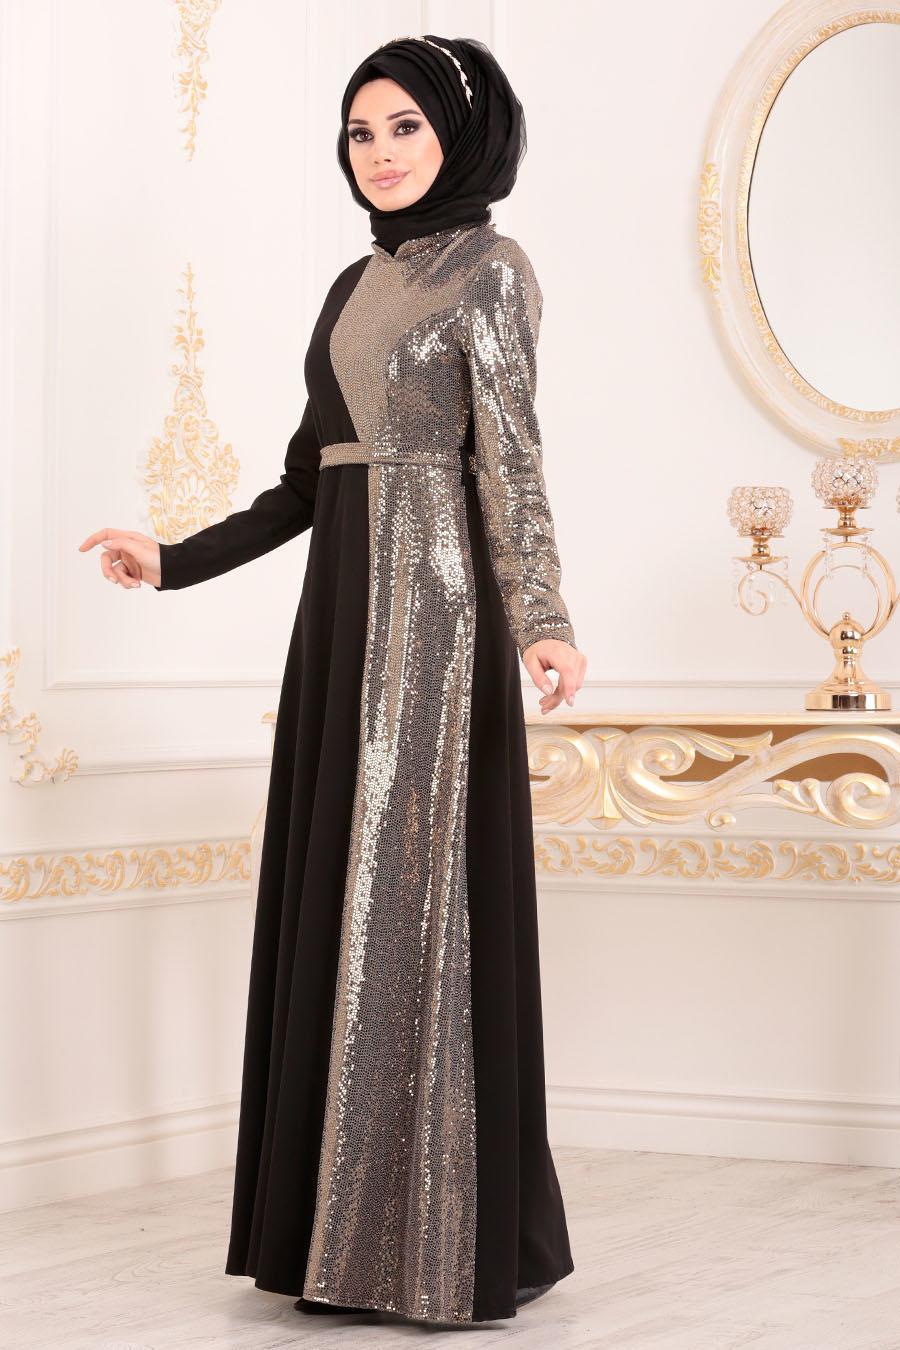 Tesettürlü Abiye Elbise - Kemerli Gold Tesettür Abiye Elbise 1234GOLD